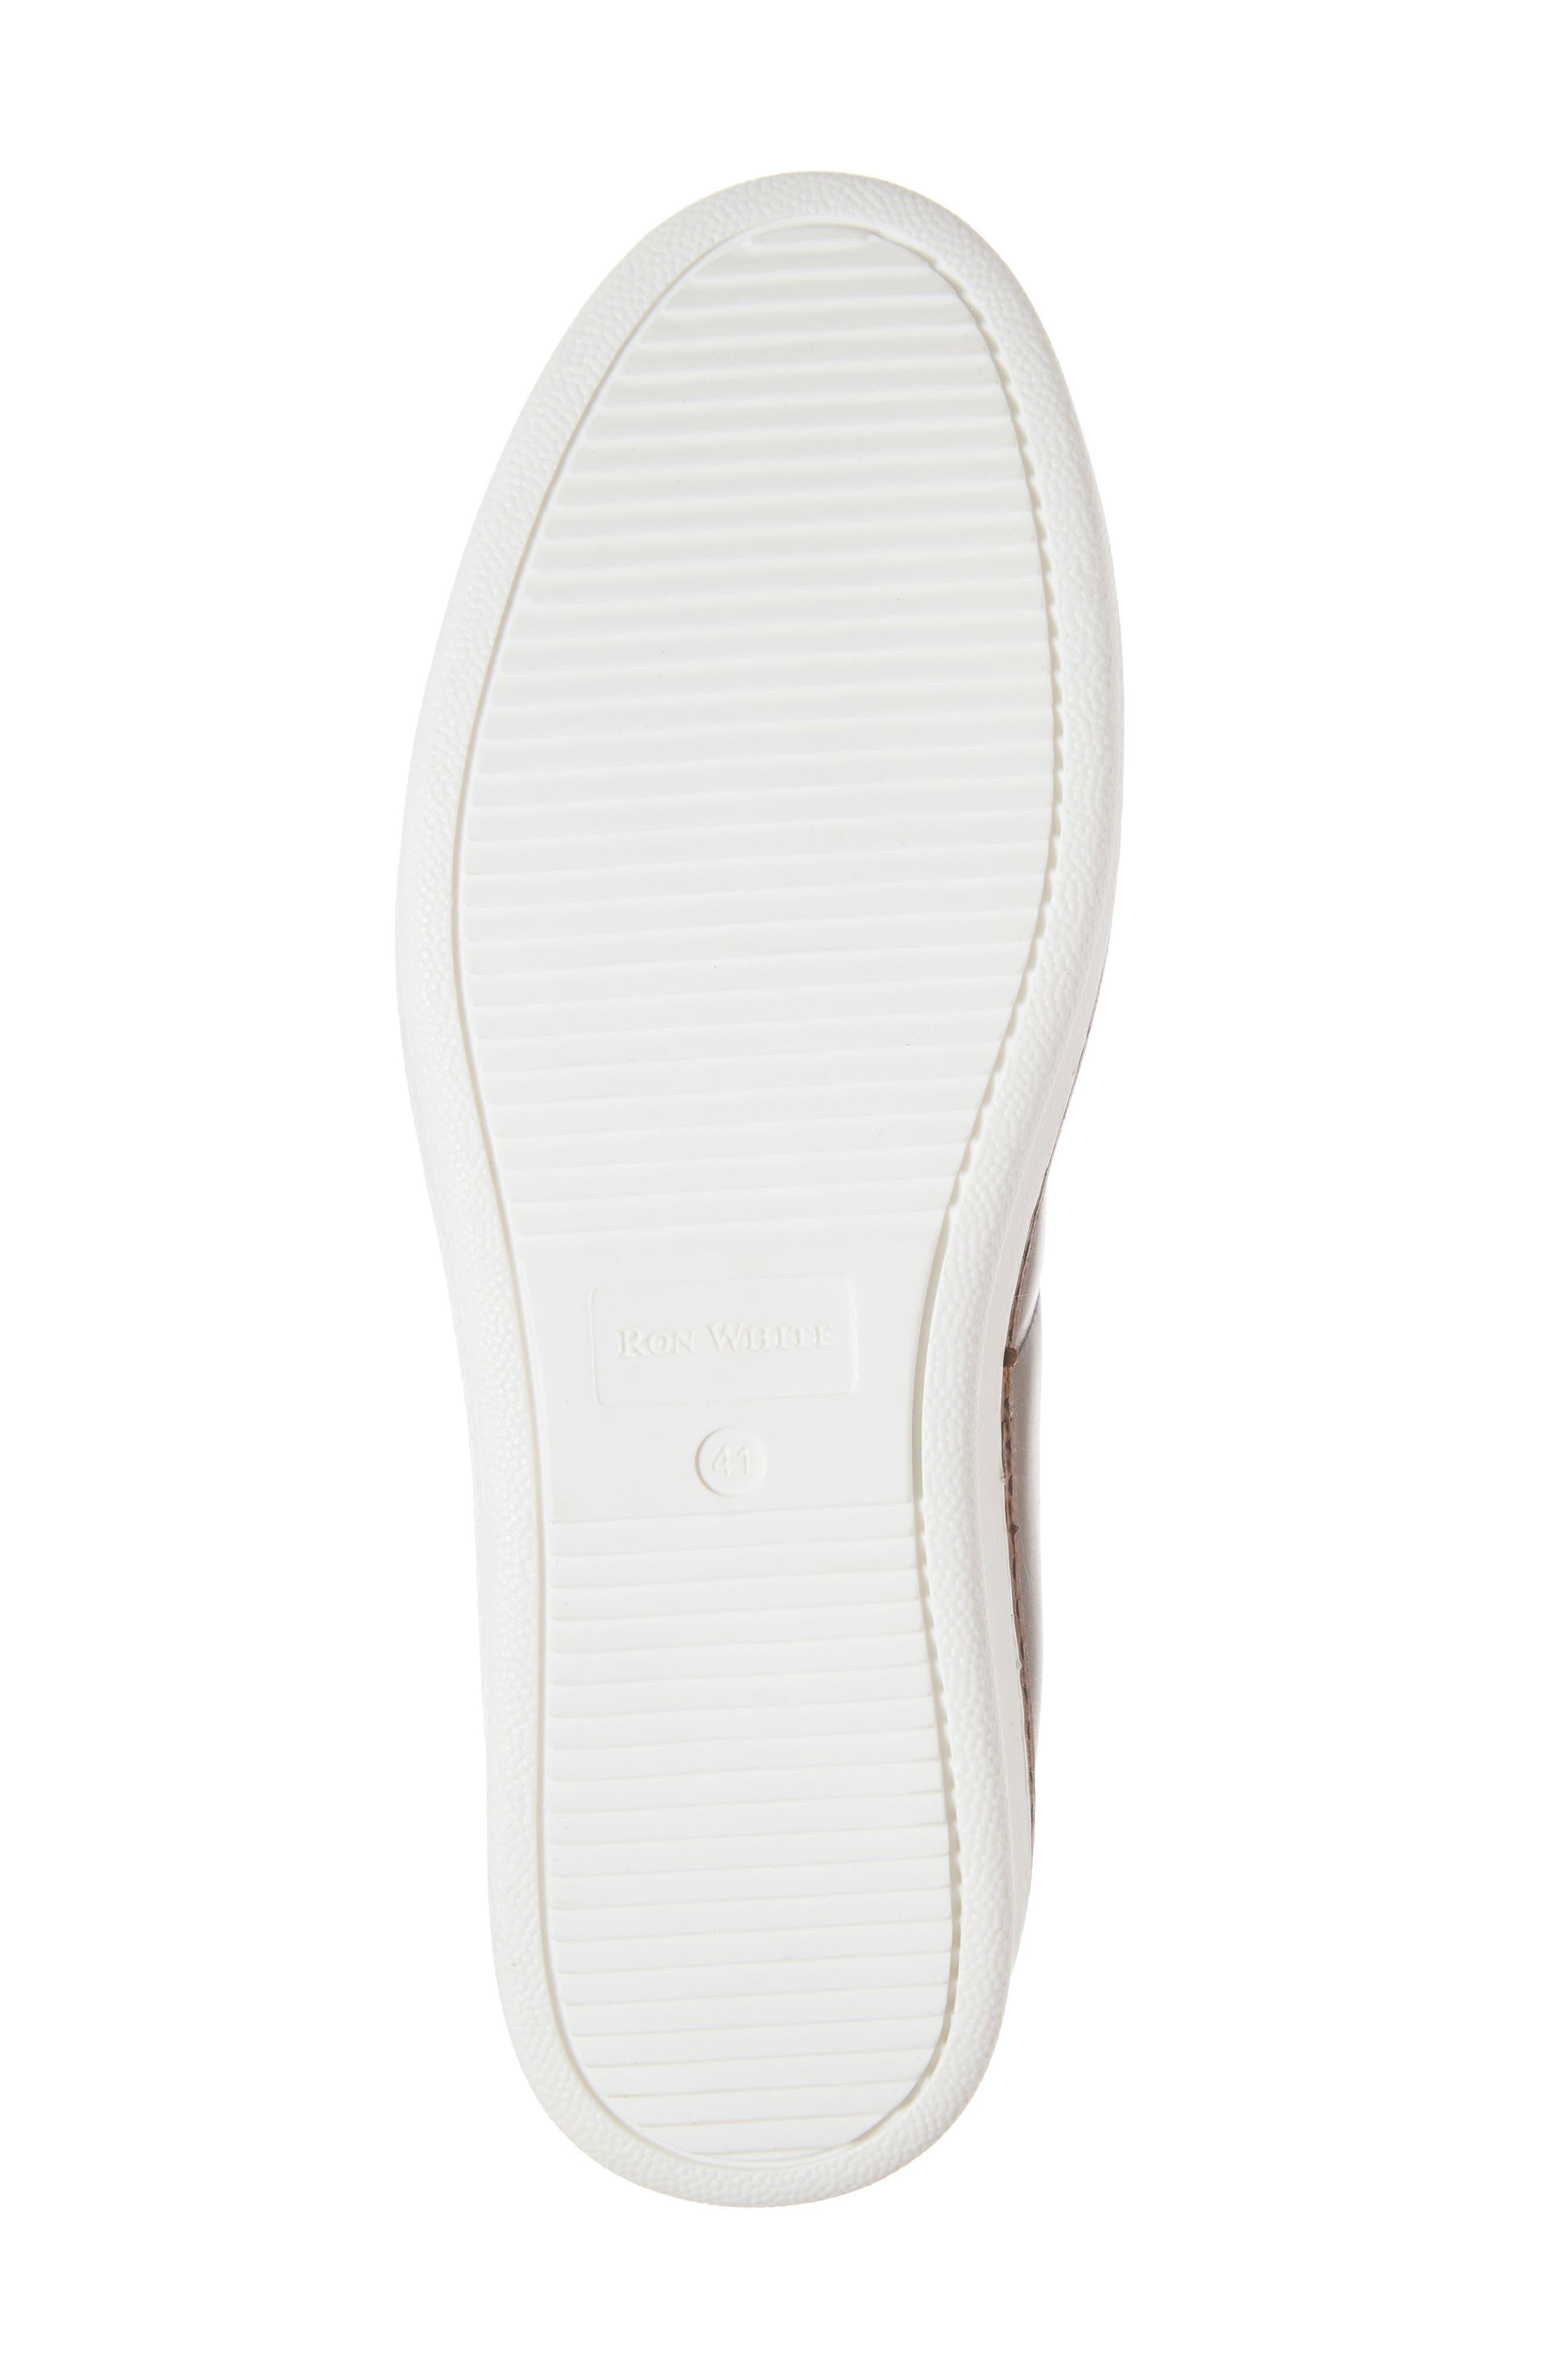 RON WHITE, Dolan Sneaker, Alternate thumbnail 6, color, 200